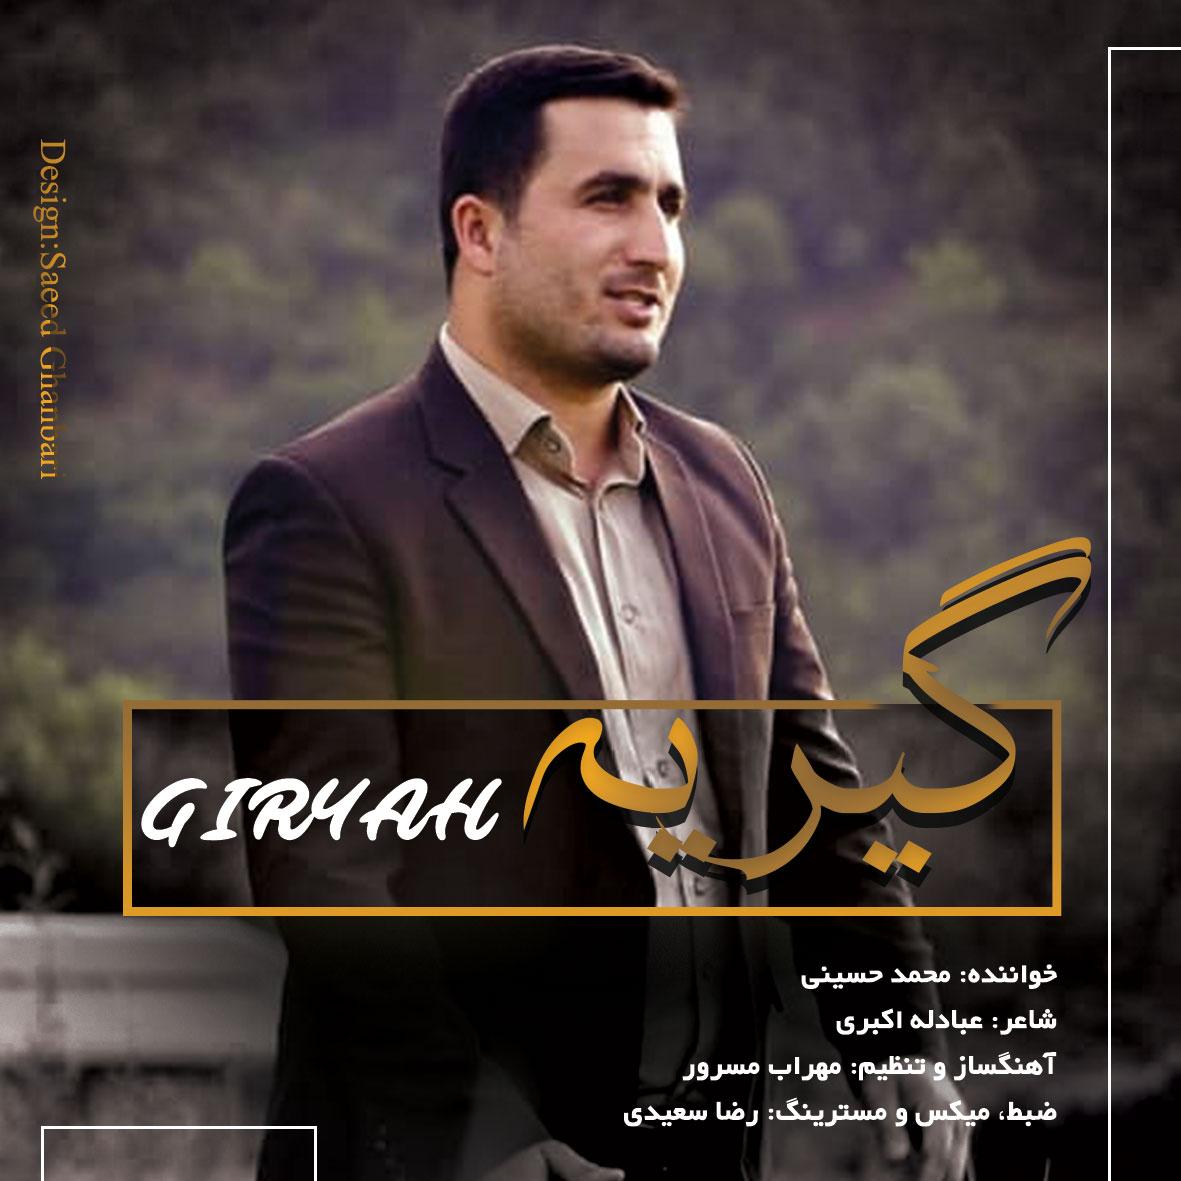 دانلود آهنگ جدید تالشی به نام گیریه با صدای محمد حسینی